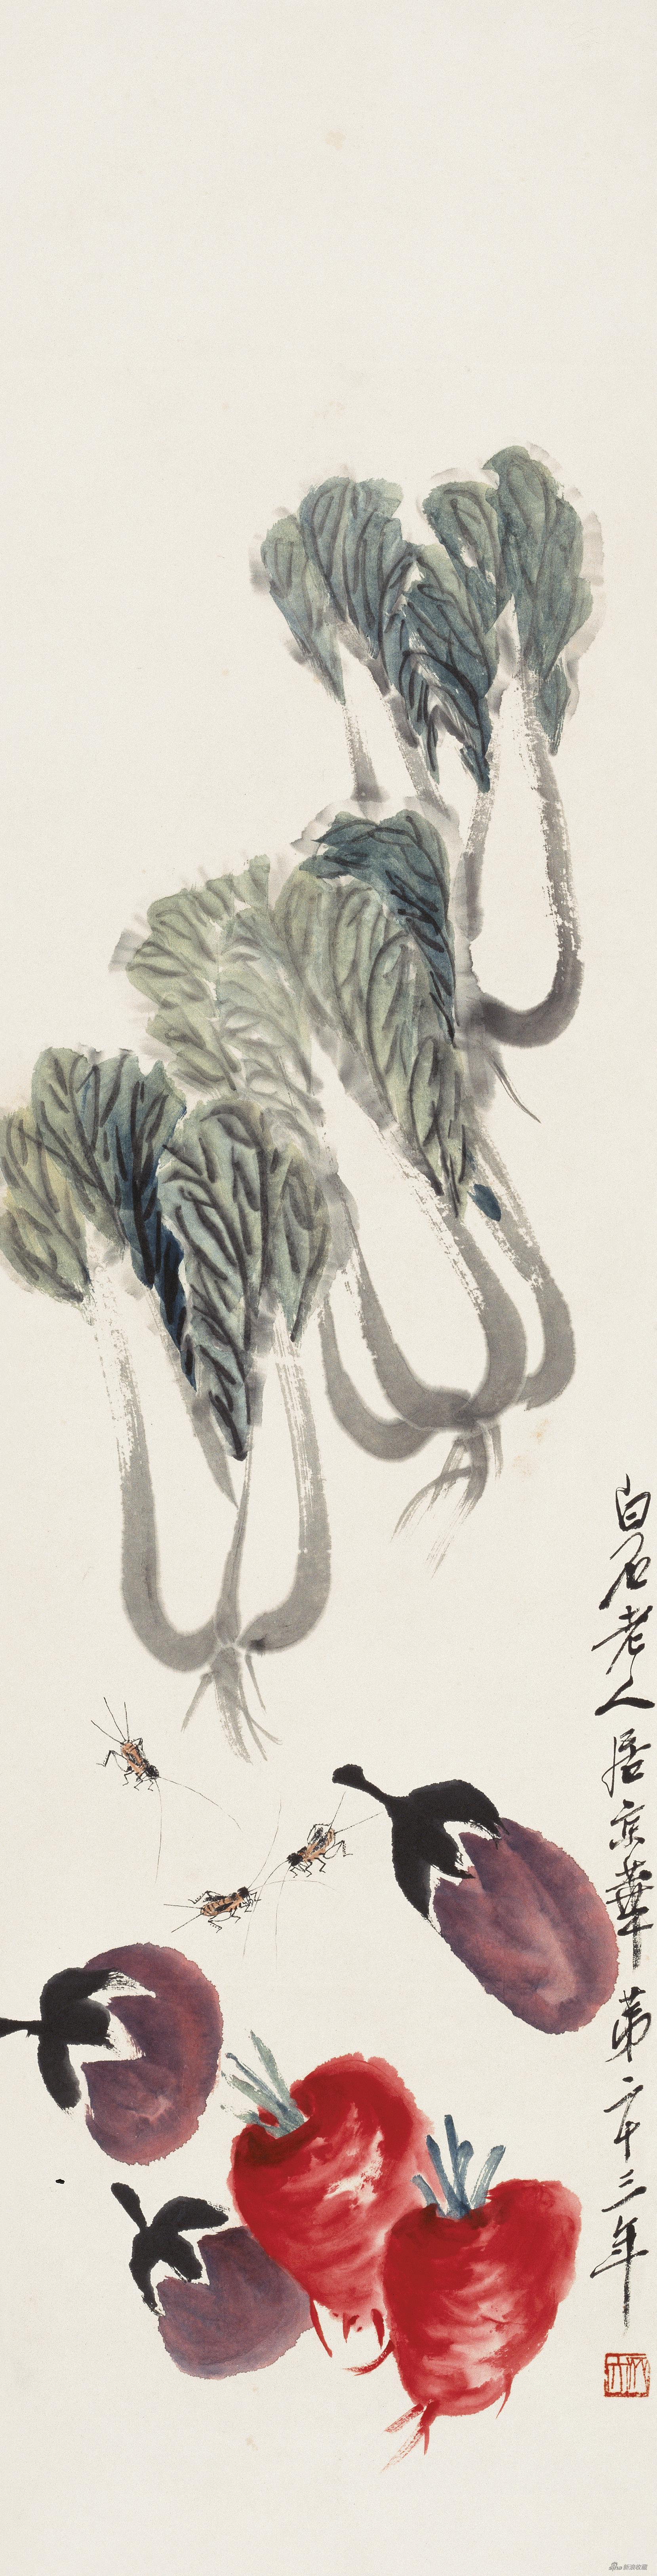 蔬菜蟋蟀 齐白石 133cm×33.5cm 1939年 纸本设色 北京画院藏